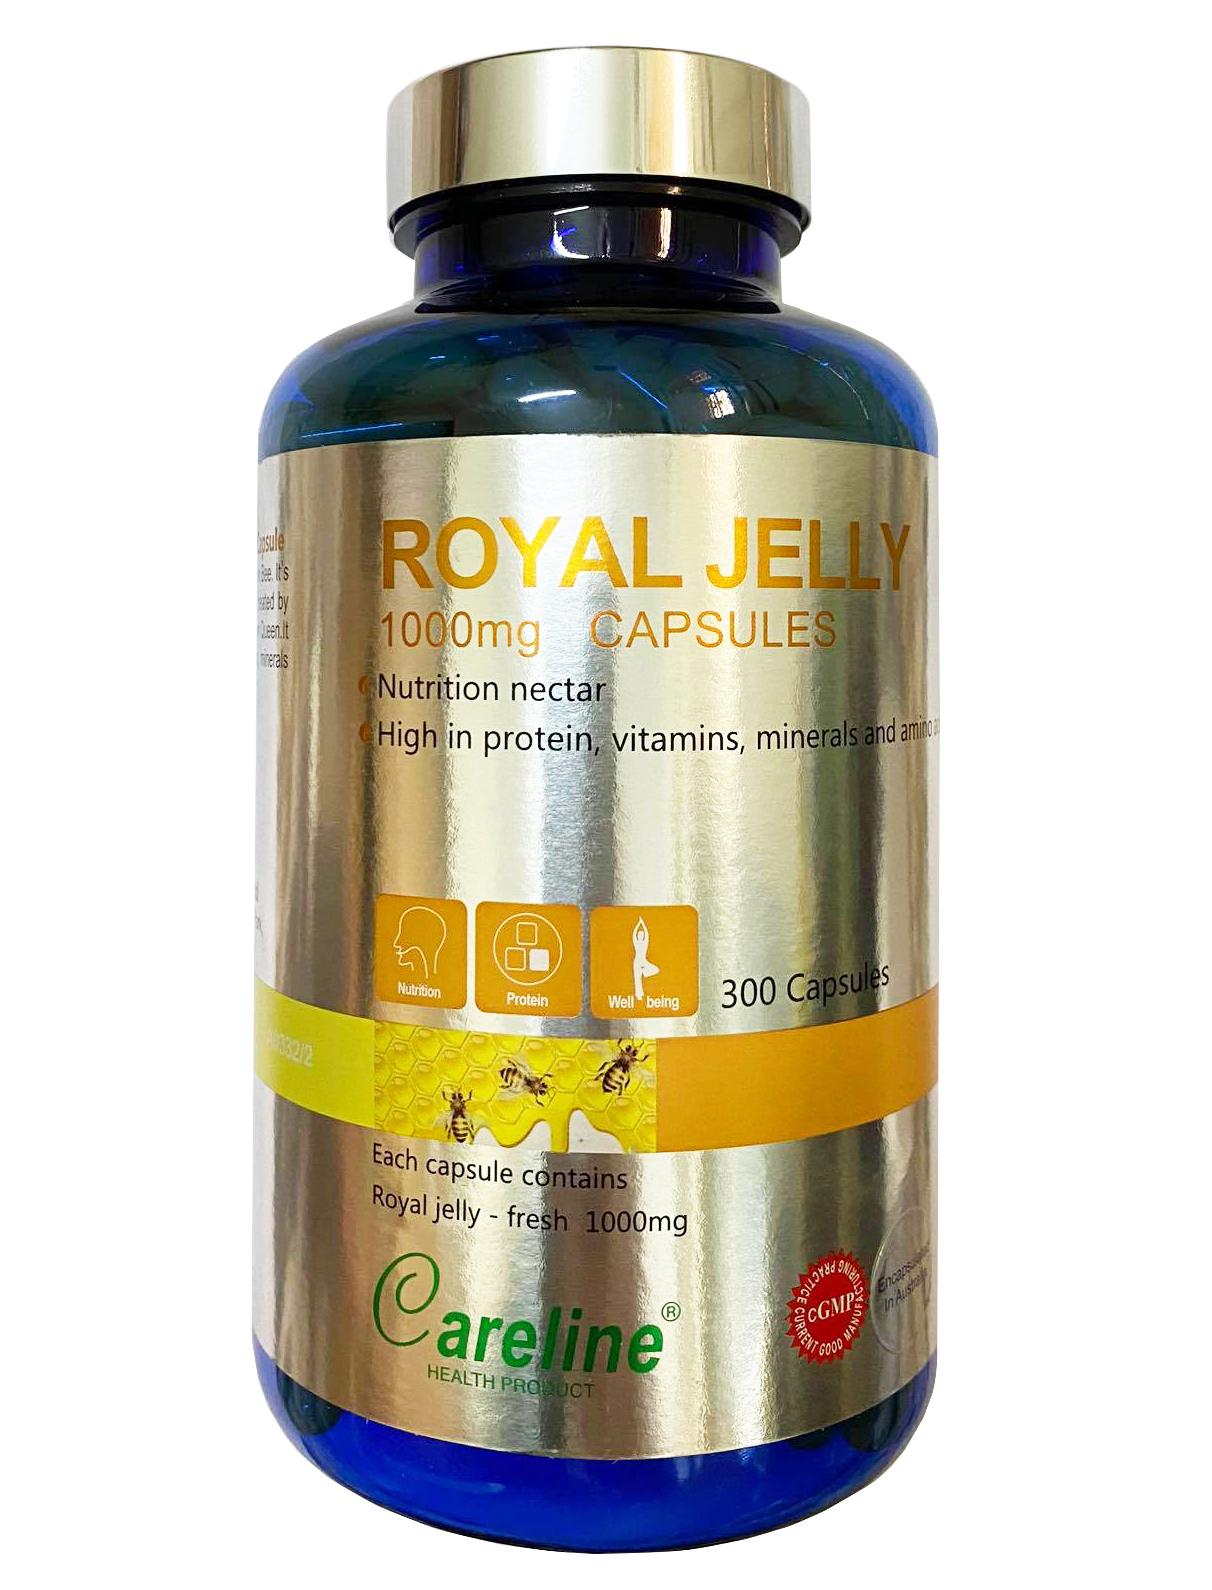 Sữa ong chúa Royal Jelly Careline 1000mg hộp 300 viên